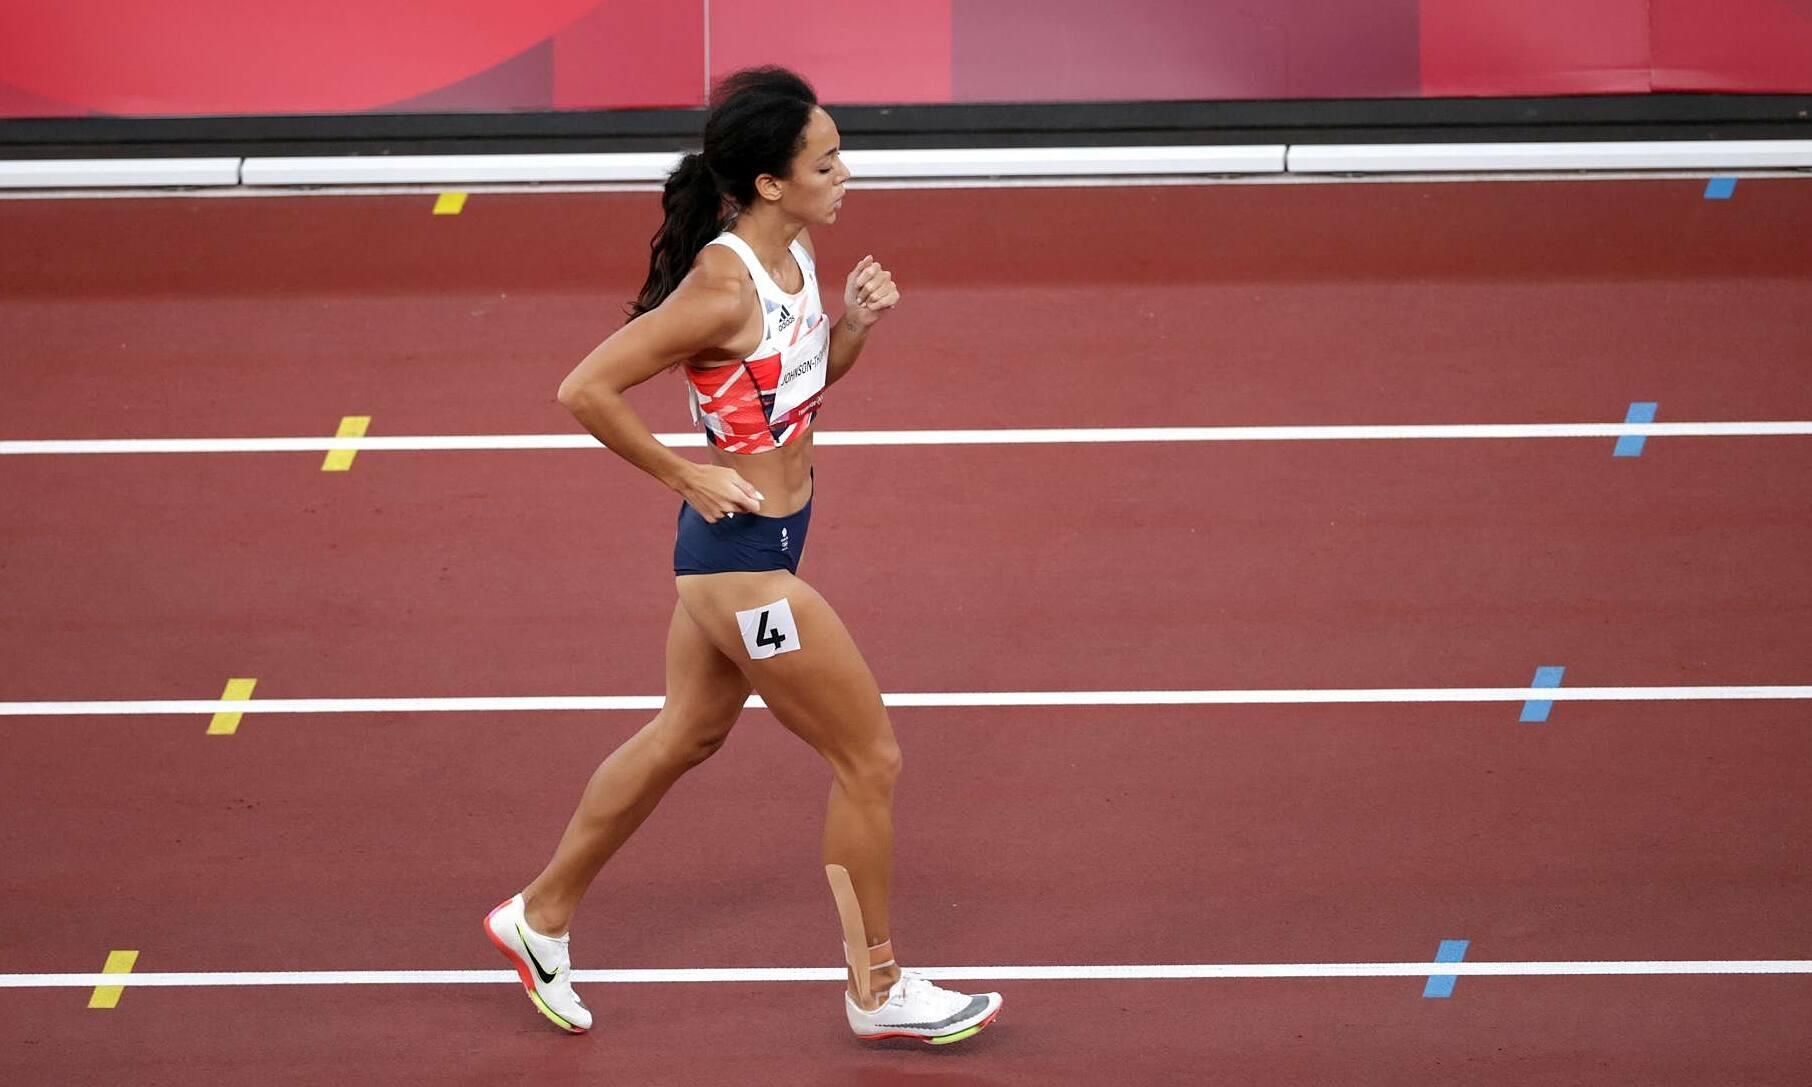 Johnson-Thompson là đương kim vô địch thế giới và được kỳ vọng đoạt HC vàng bảy môn phối hợp về cho Anh, nhưng chấn thương khiến cô gần như không còn cơ hội này. Ảnh: Reuters